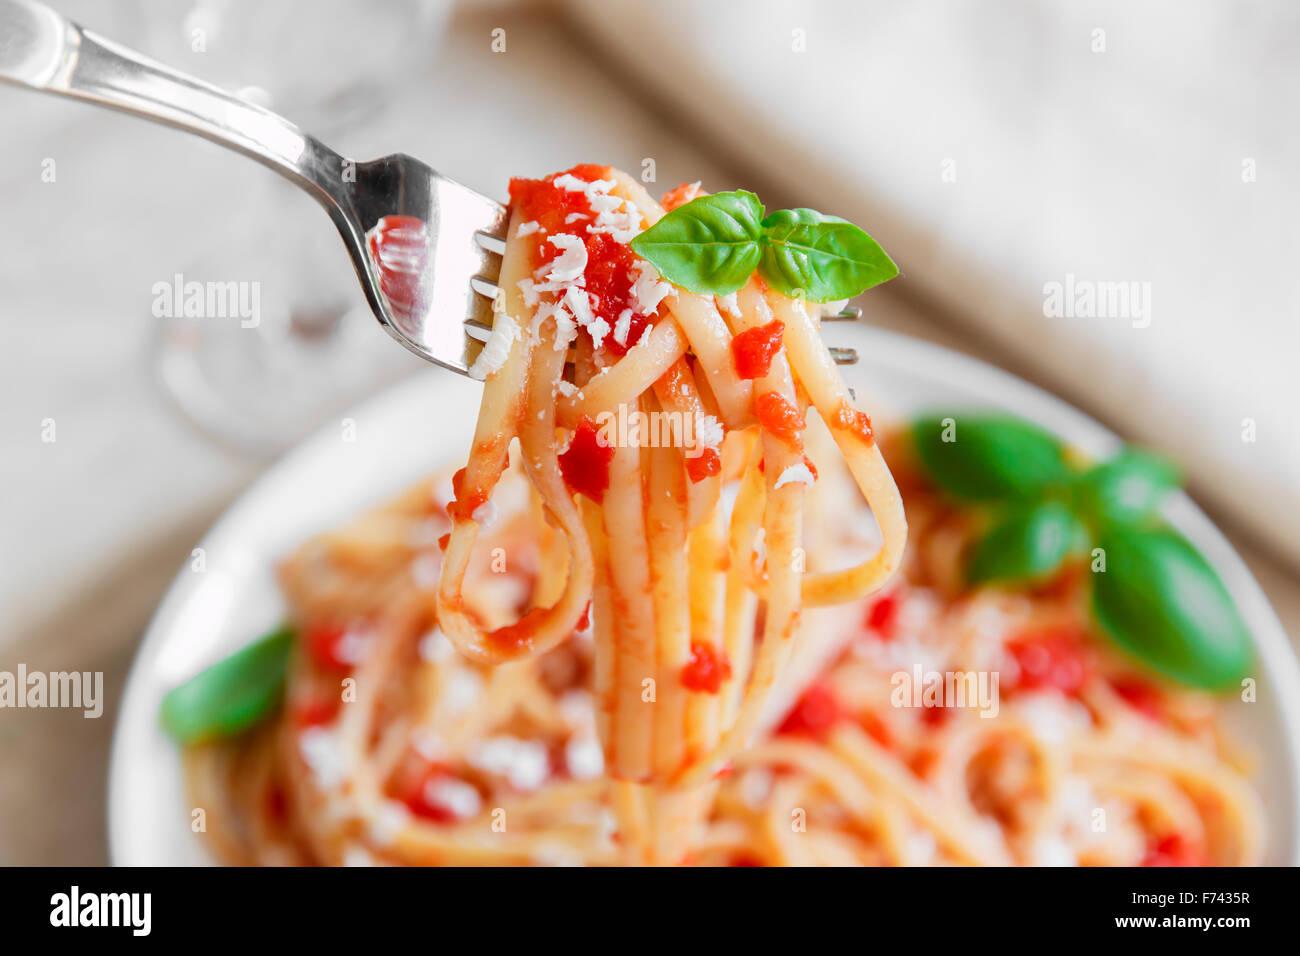 Linguine con salsa di pomodoro e formaggio su una piastra Immagini Stock